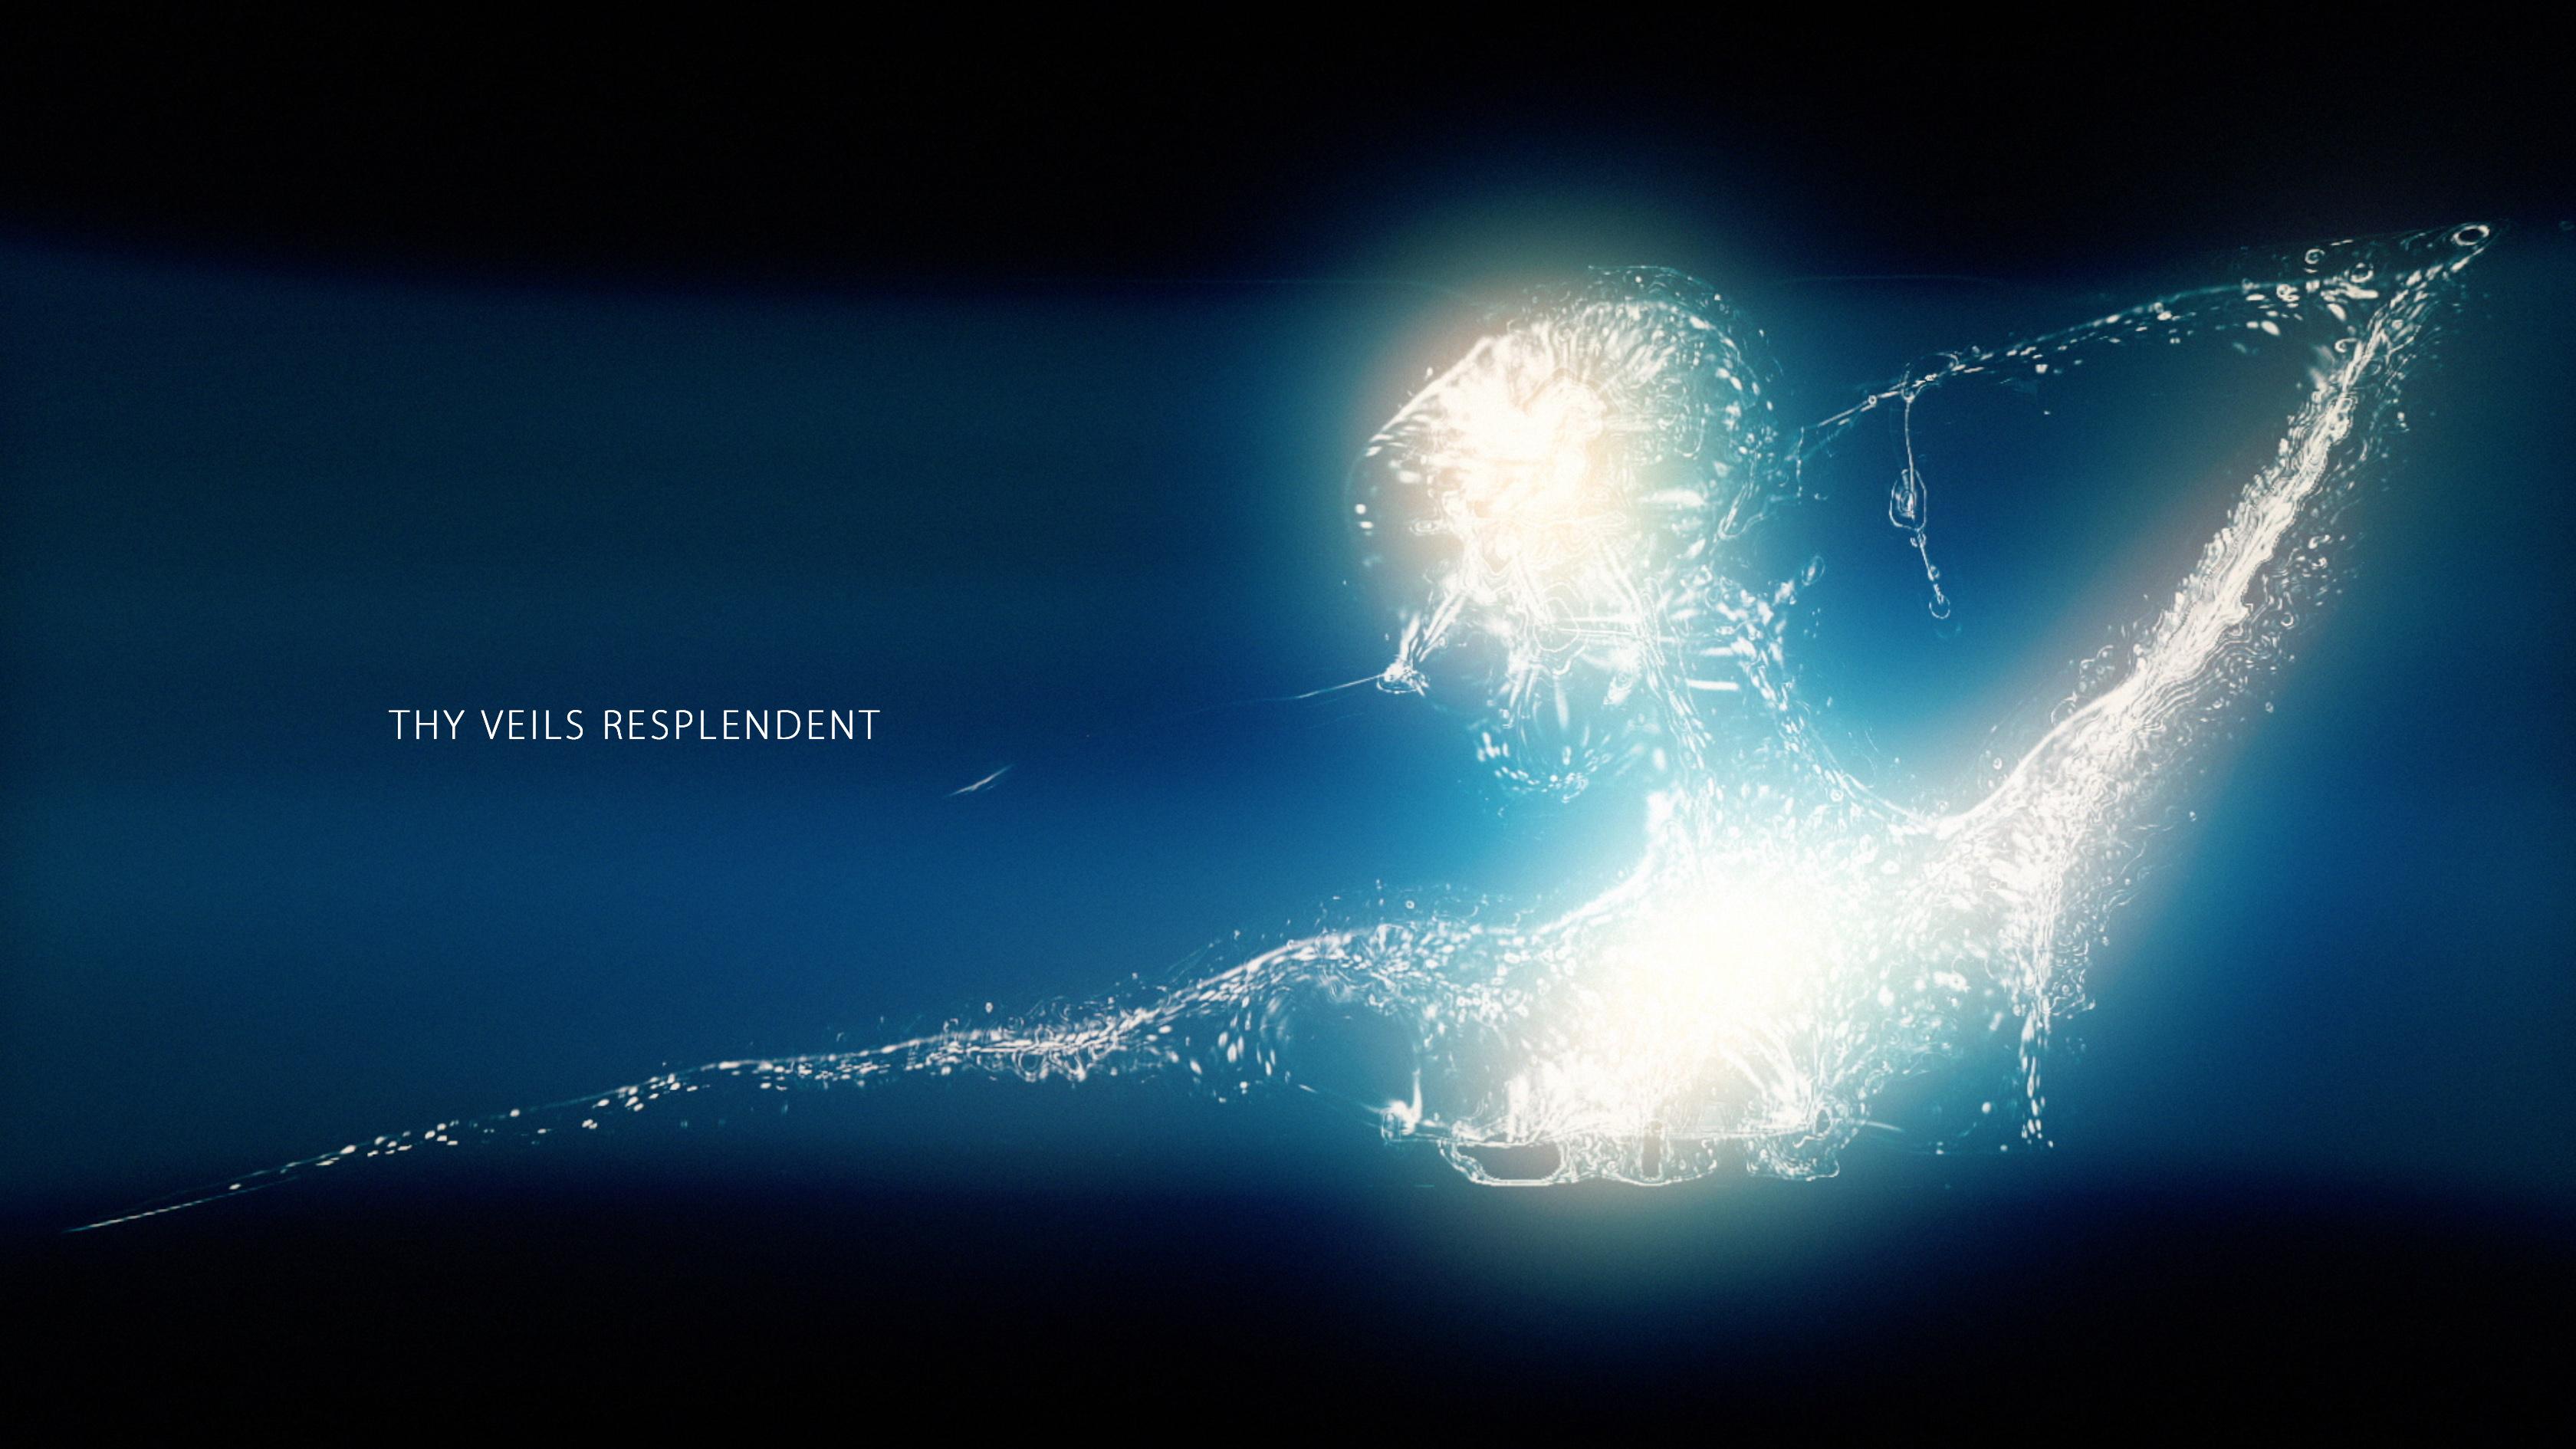 Thy Veils - Resplendent - video screenshot